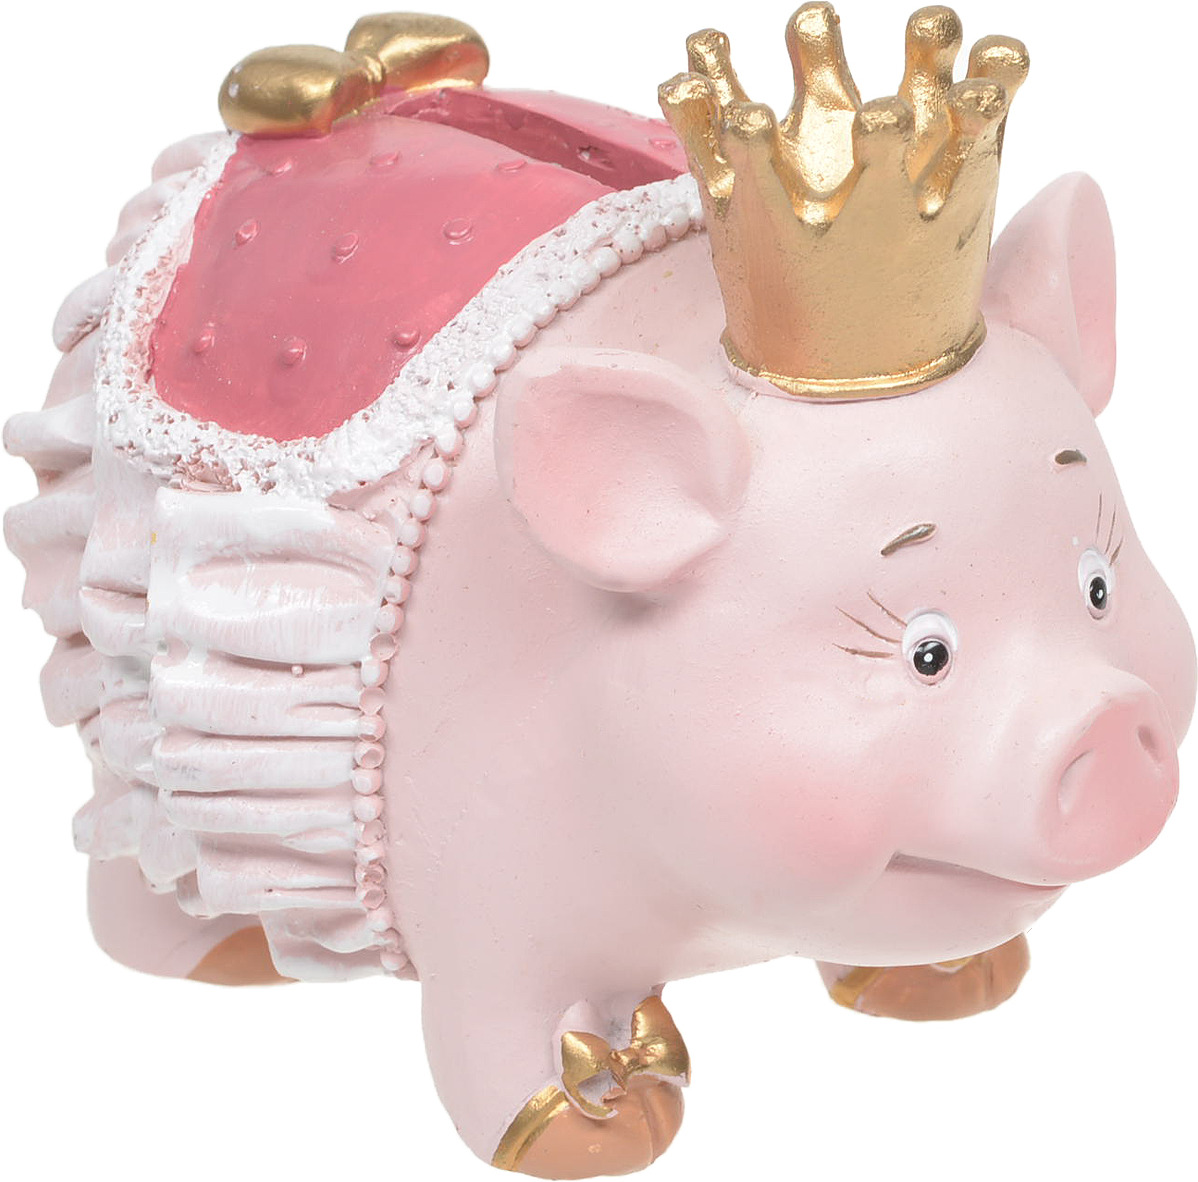 Декоративная копилка Magic Time Свинья с короной, 12 х 7 х 9 см декоративная копилка magic time свин путешественник 12 х 7 х 9 см